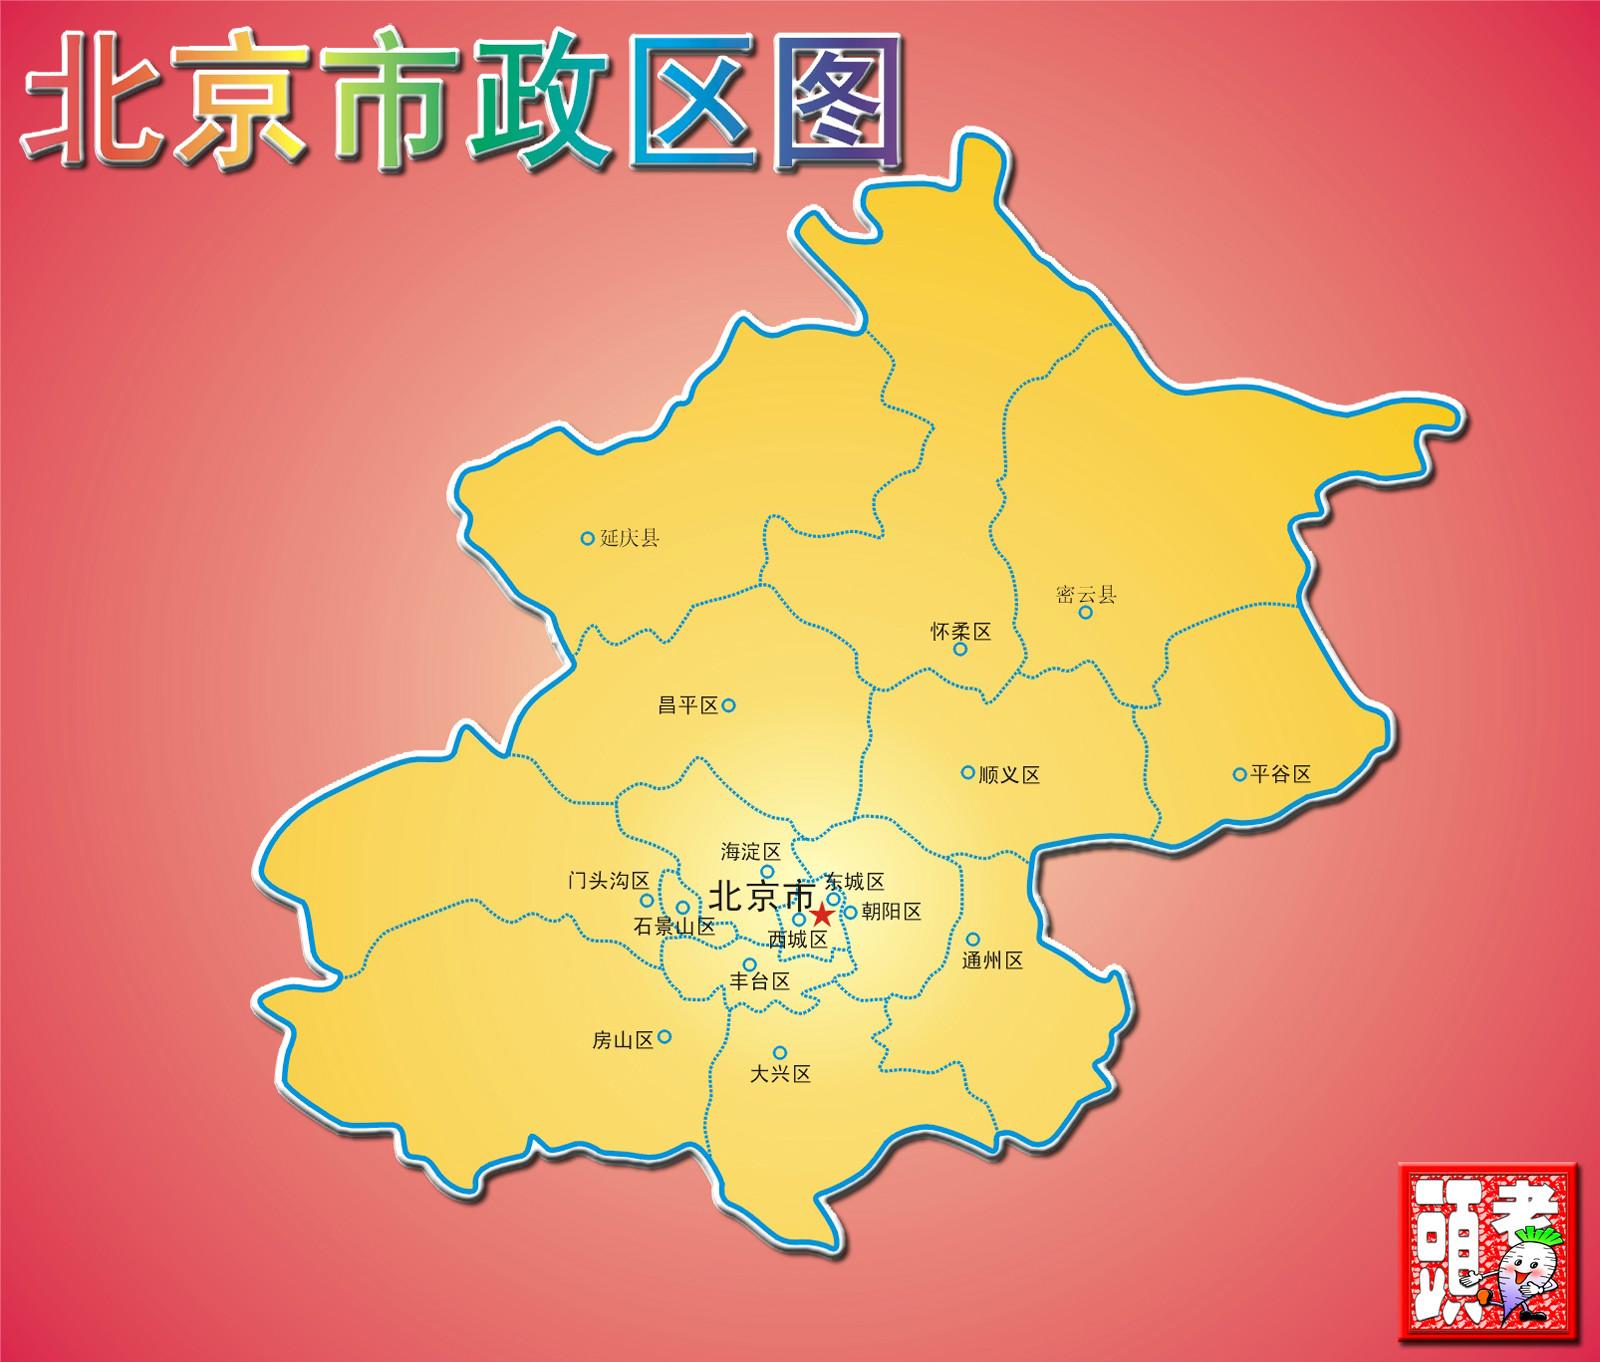 北京市行政区域图_北京地图库